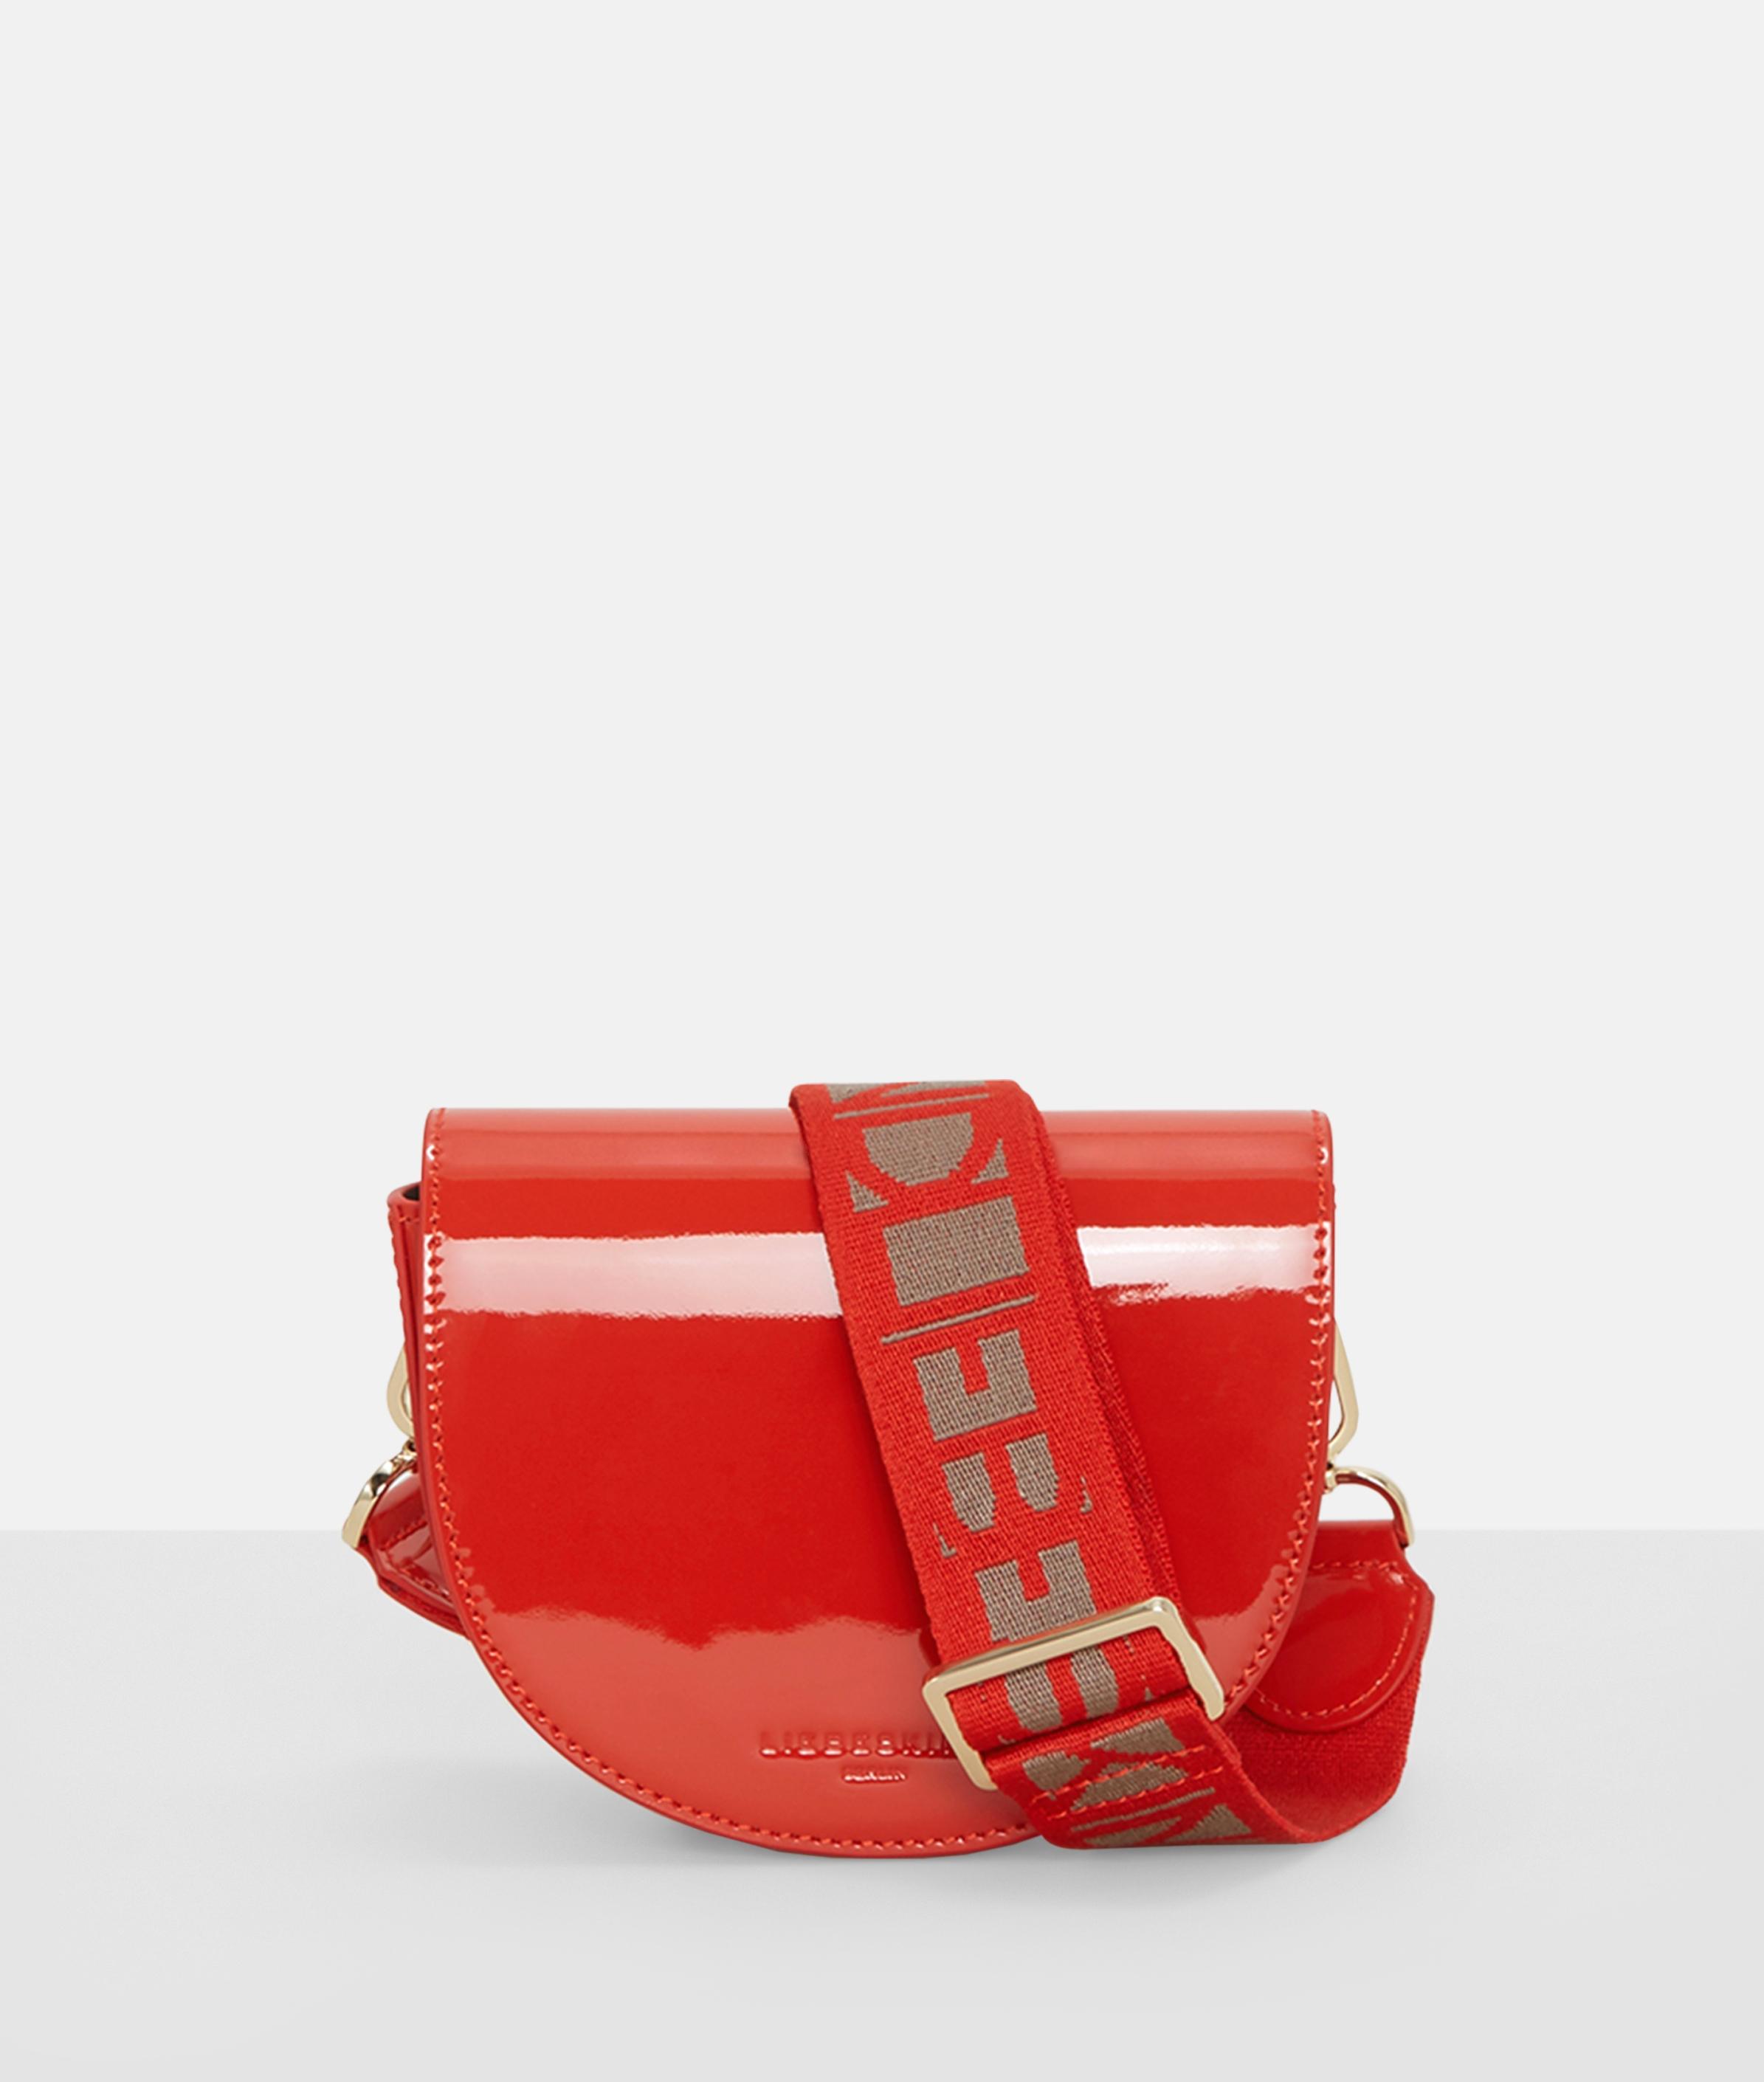 liebeskind berlin - Tasche MixeDbag Patent Belt Bag, Rot